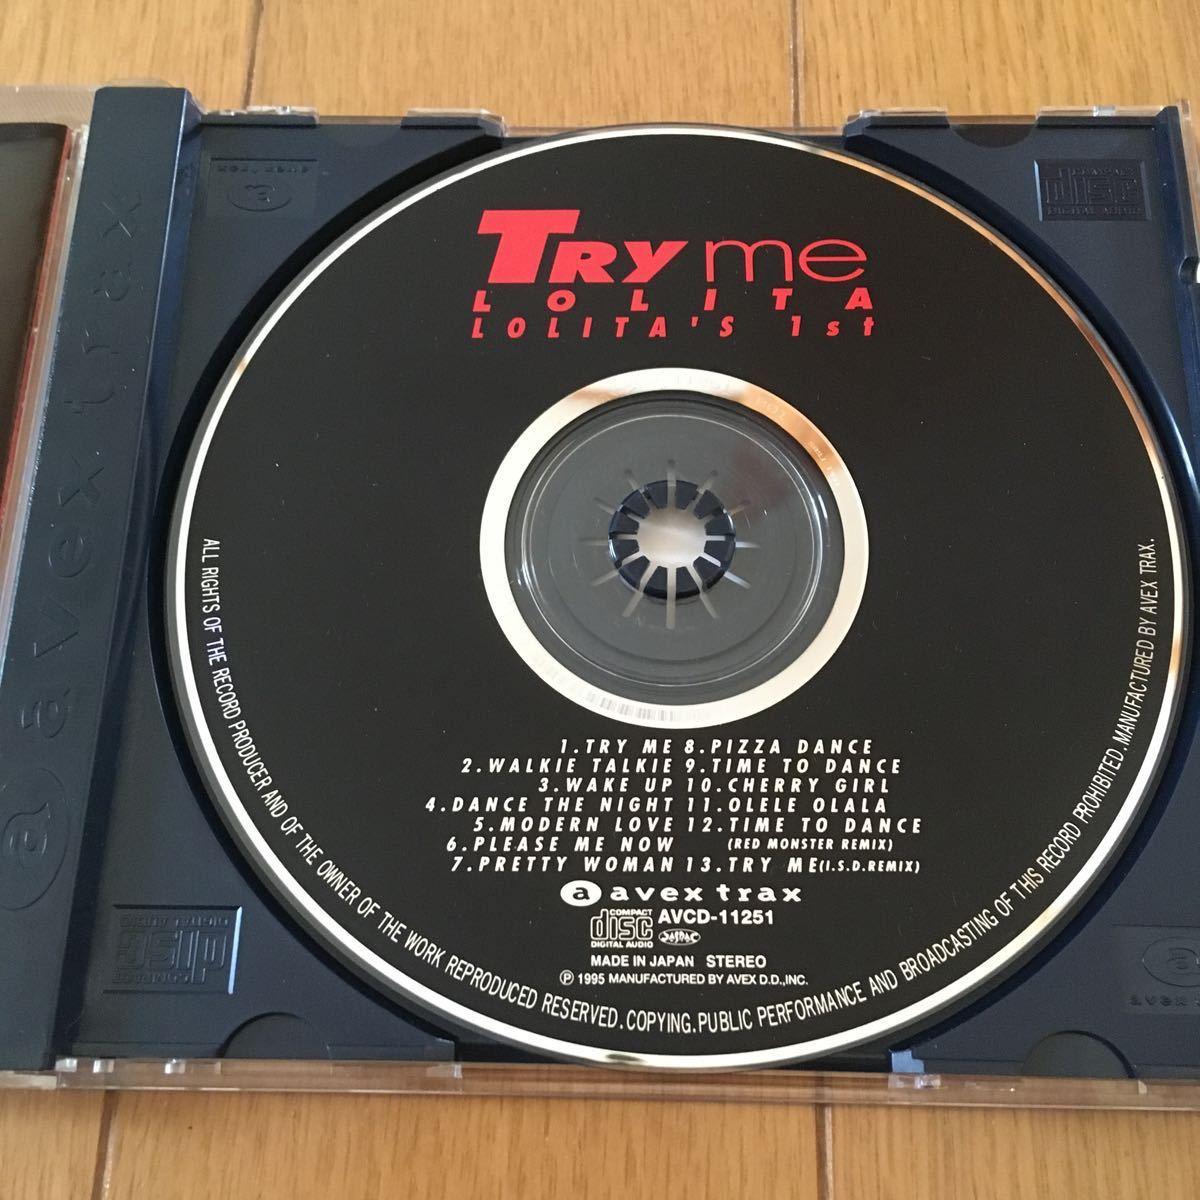 ネコポス送料無料 匿名発送☆ ◆TRY me/LOLITA☆ロリータ/トライ・ミー~ロリータズ・ファースト☆ユーロビート☆安室奈美恵☆avex trax☆_画像3